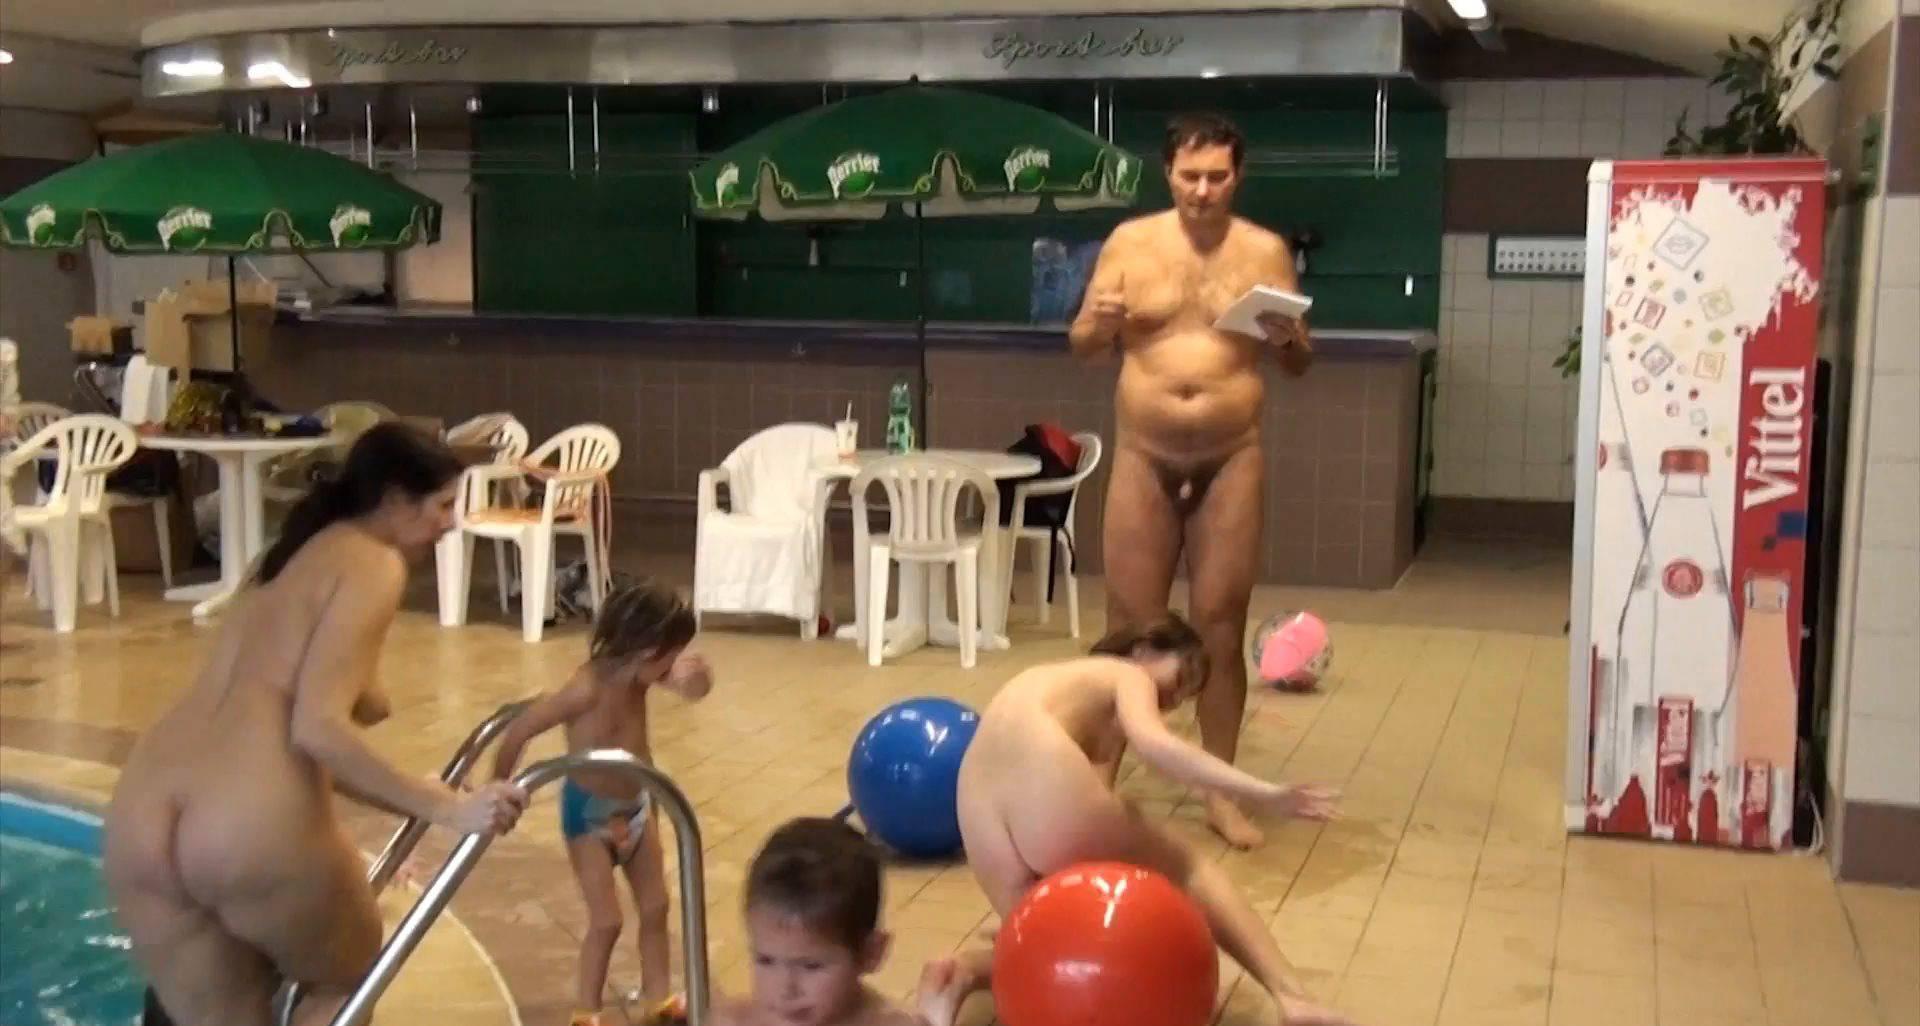 Nudist Videos Kids Indoor Dolphin Ride - 1